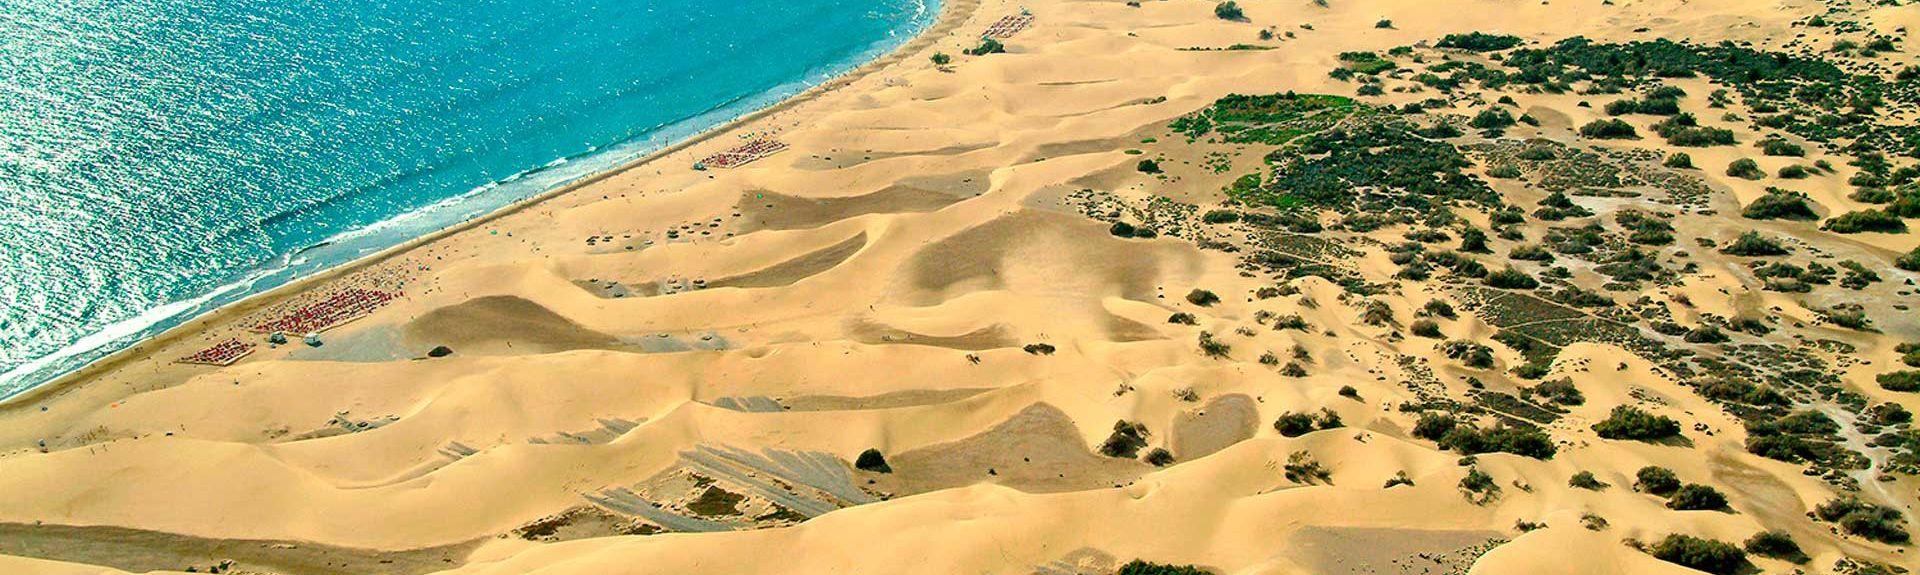 La Playa de Arguineguín, Mogán, Canarias, España